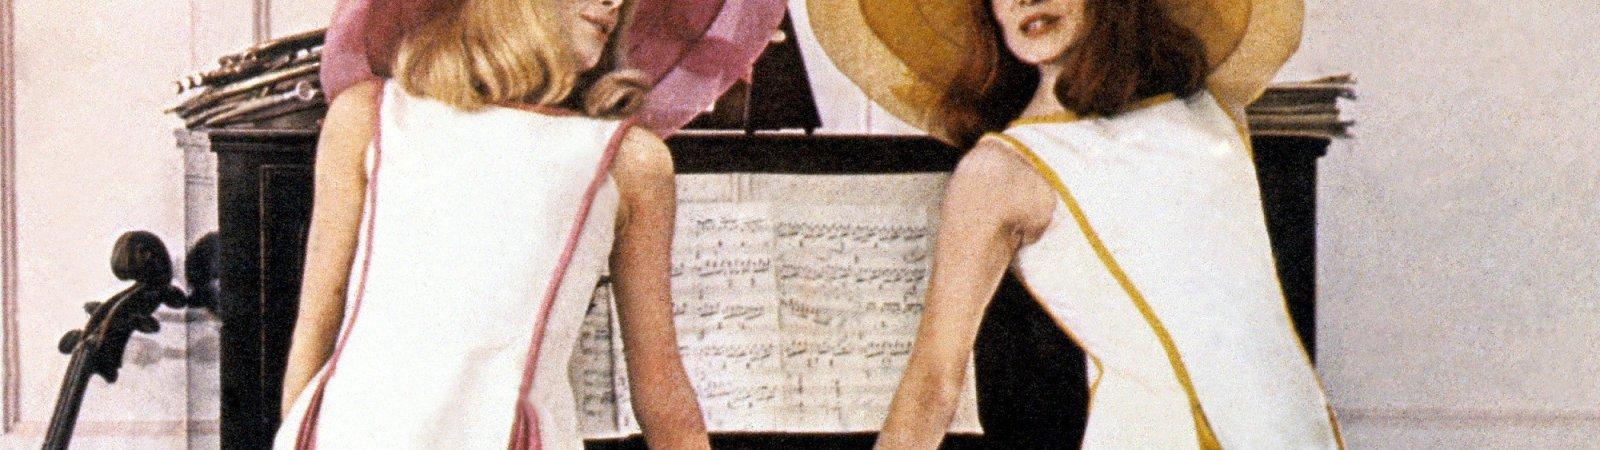 Photo du film : Les demoiselles de Rochefort